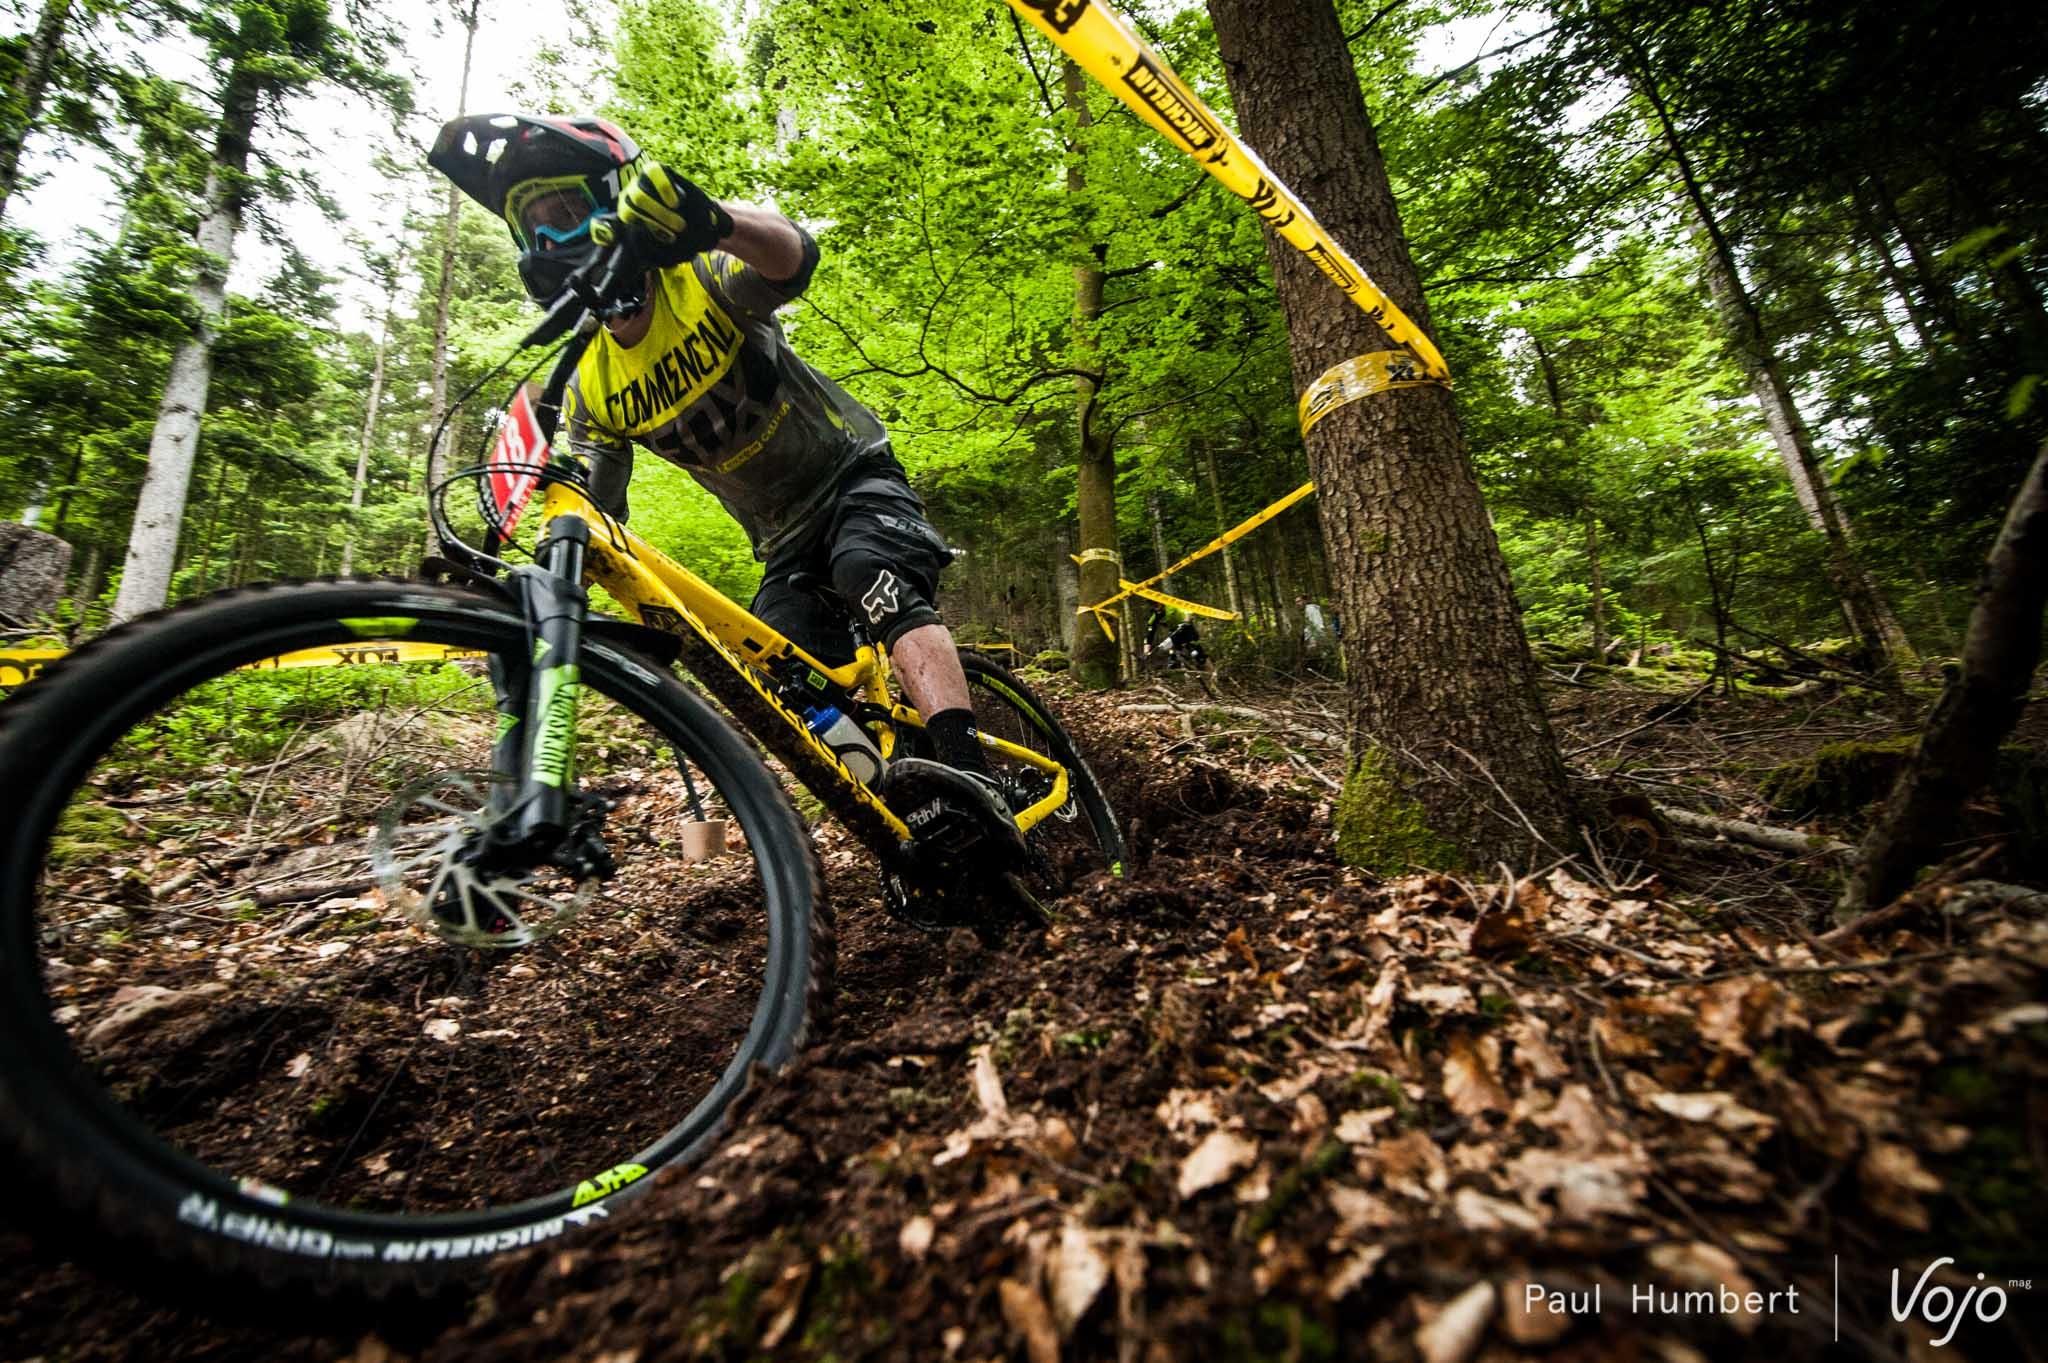 Raon-l-etape-vojo-2016-paul-humbert-32